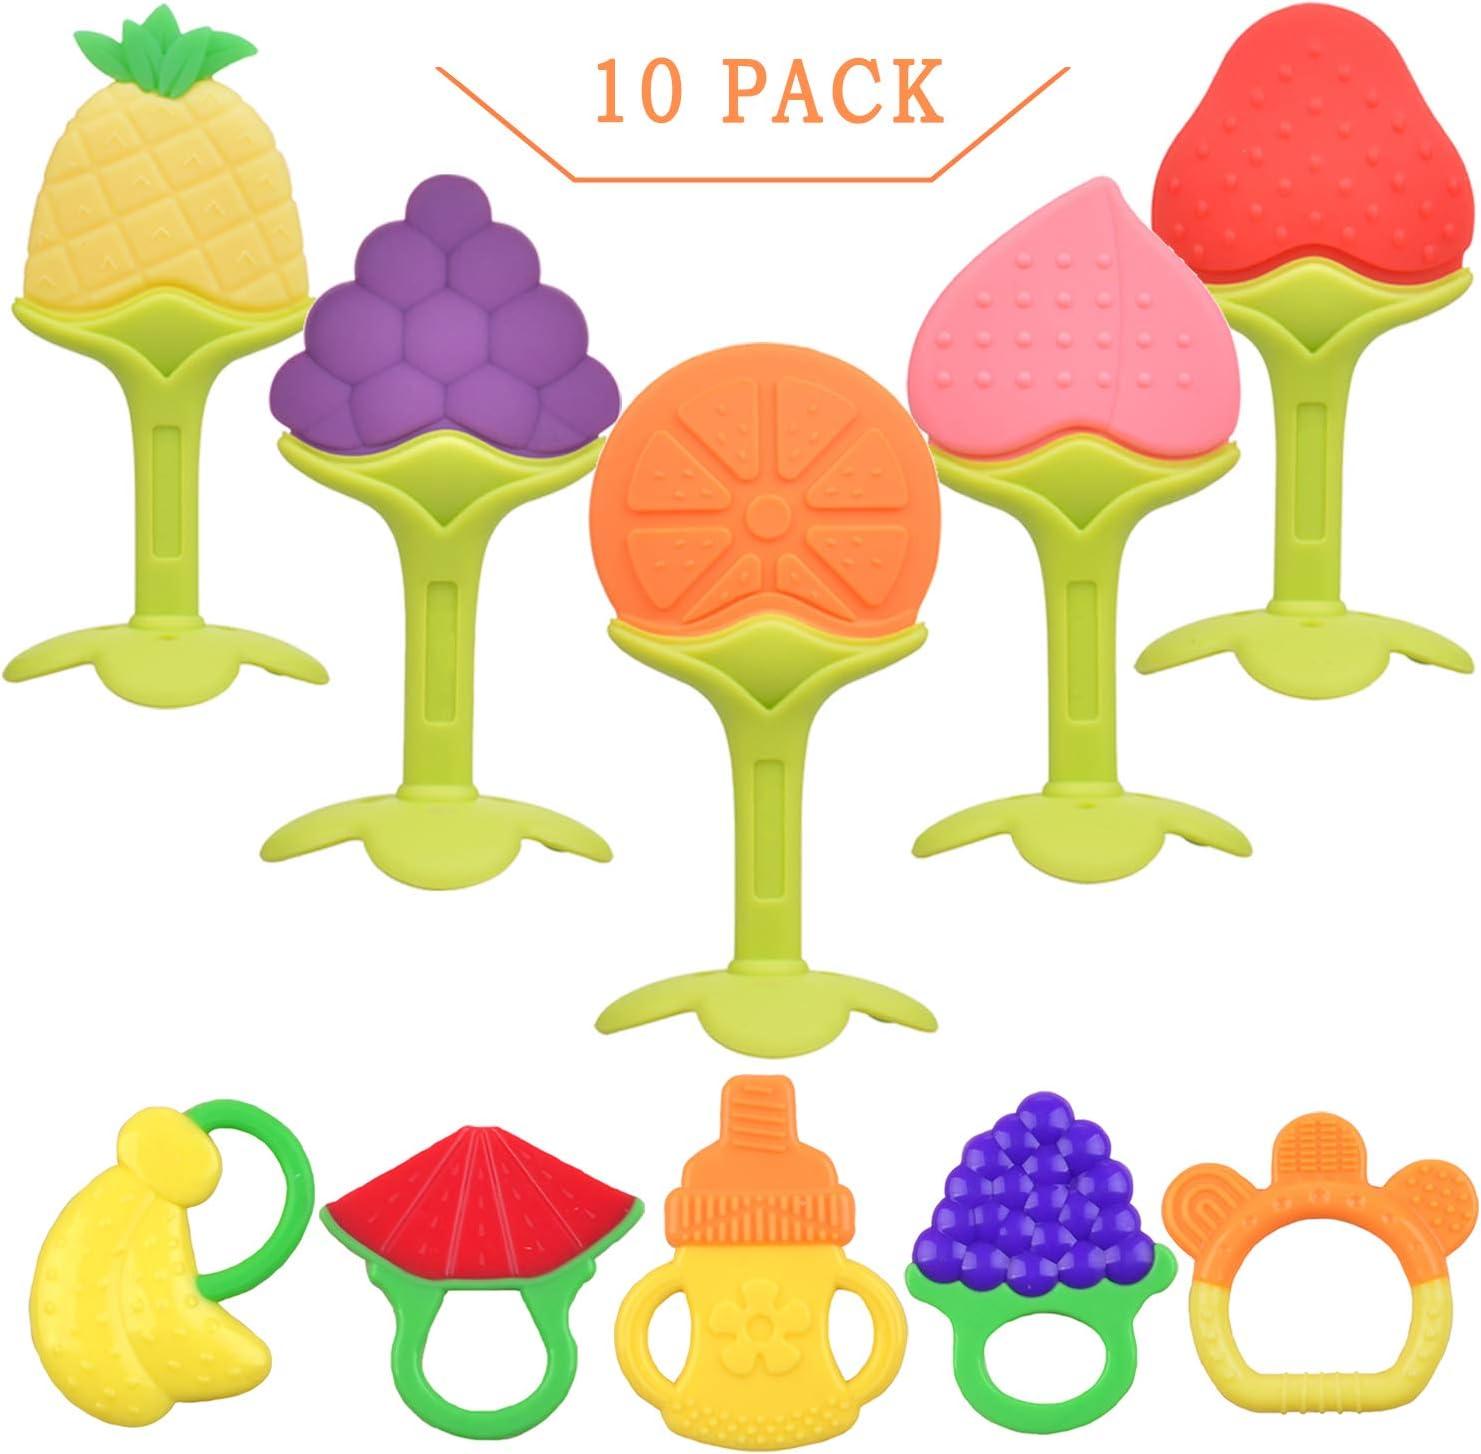 NEPAK paquet de 10 Anneau de Dentition,Anneau Dentition Bebe Silicone Refrigerants,Jouet de Dentition et Silicone 100/% sans BPA